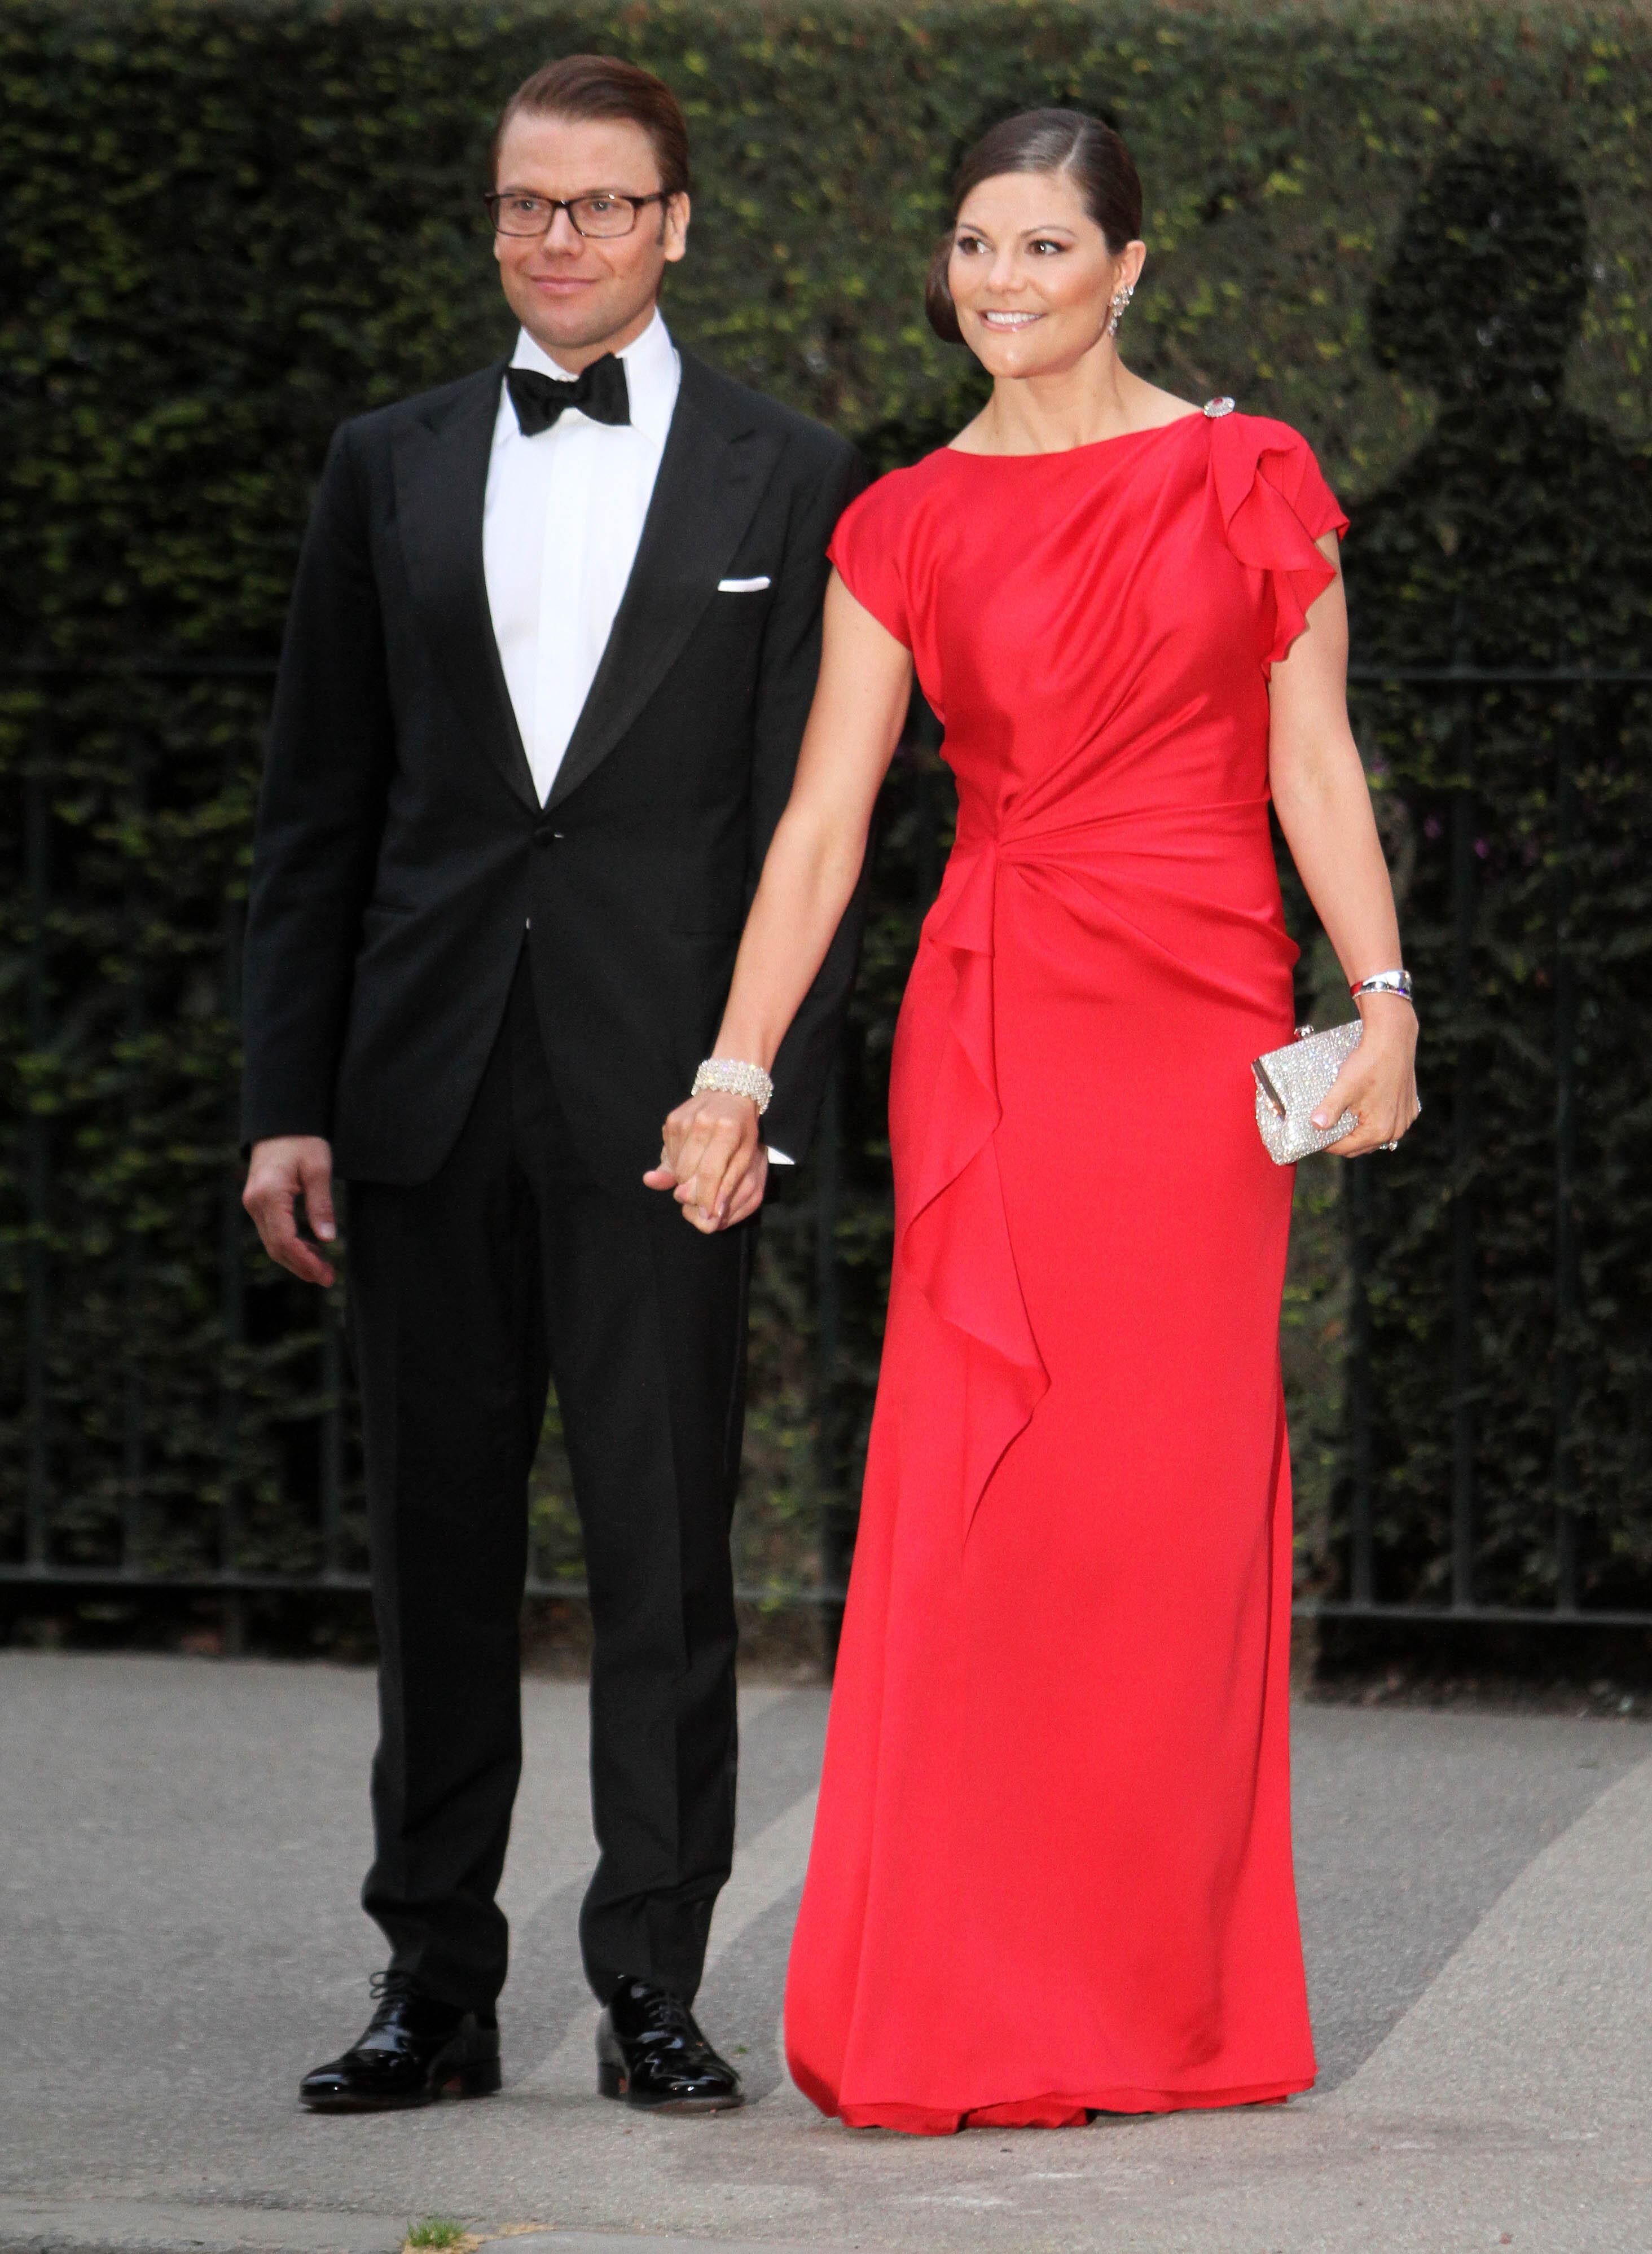 Die schwedische Kronprinzessin trägt ein rotes, bodenlanges Kleid.